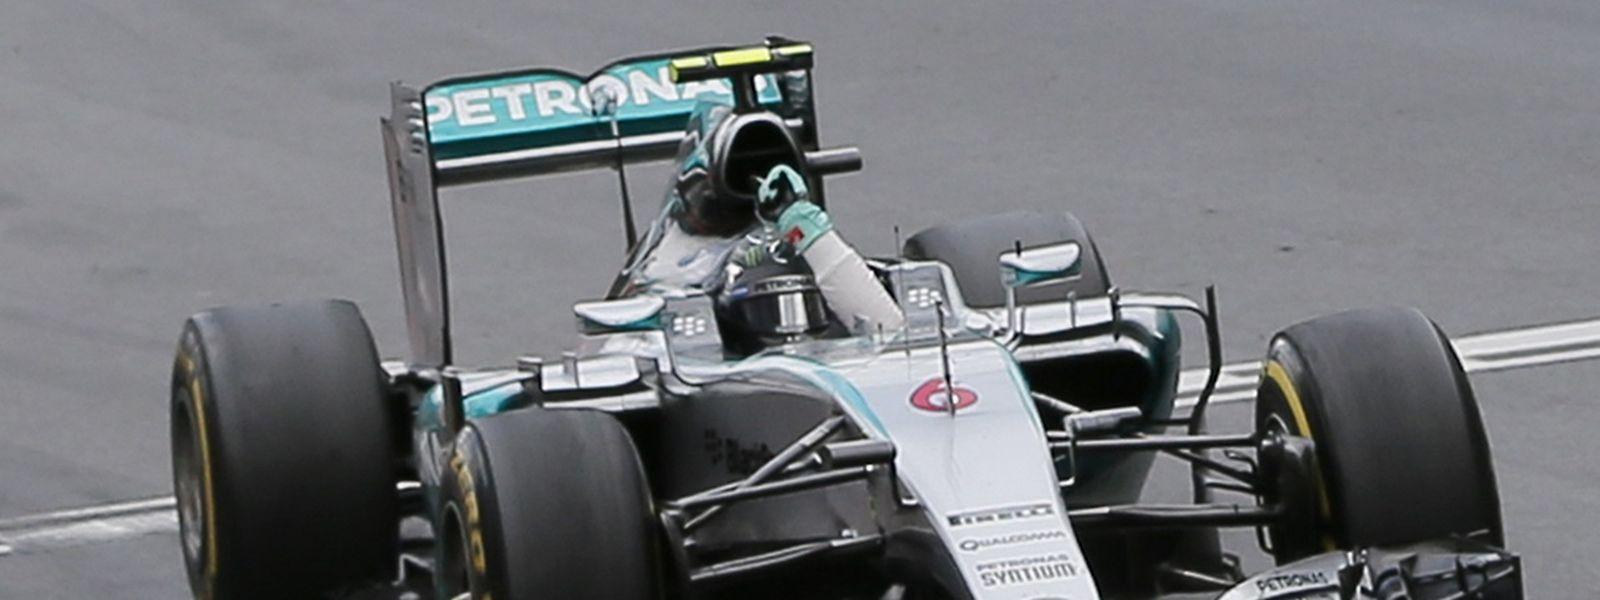 Mais uma vitória para o mercedes de Nico Rosberg